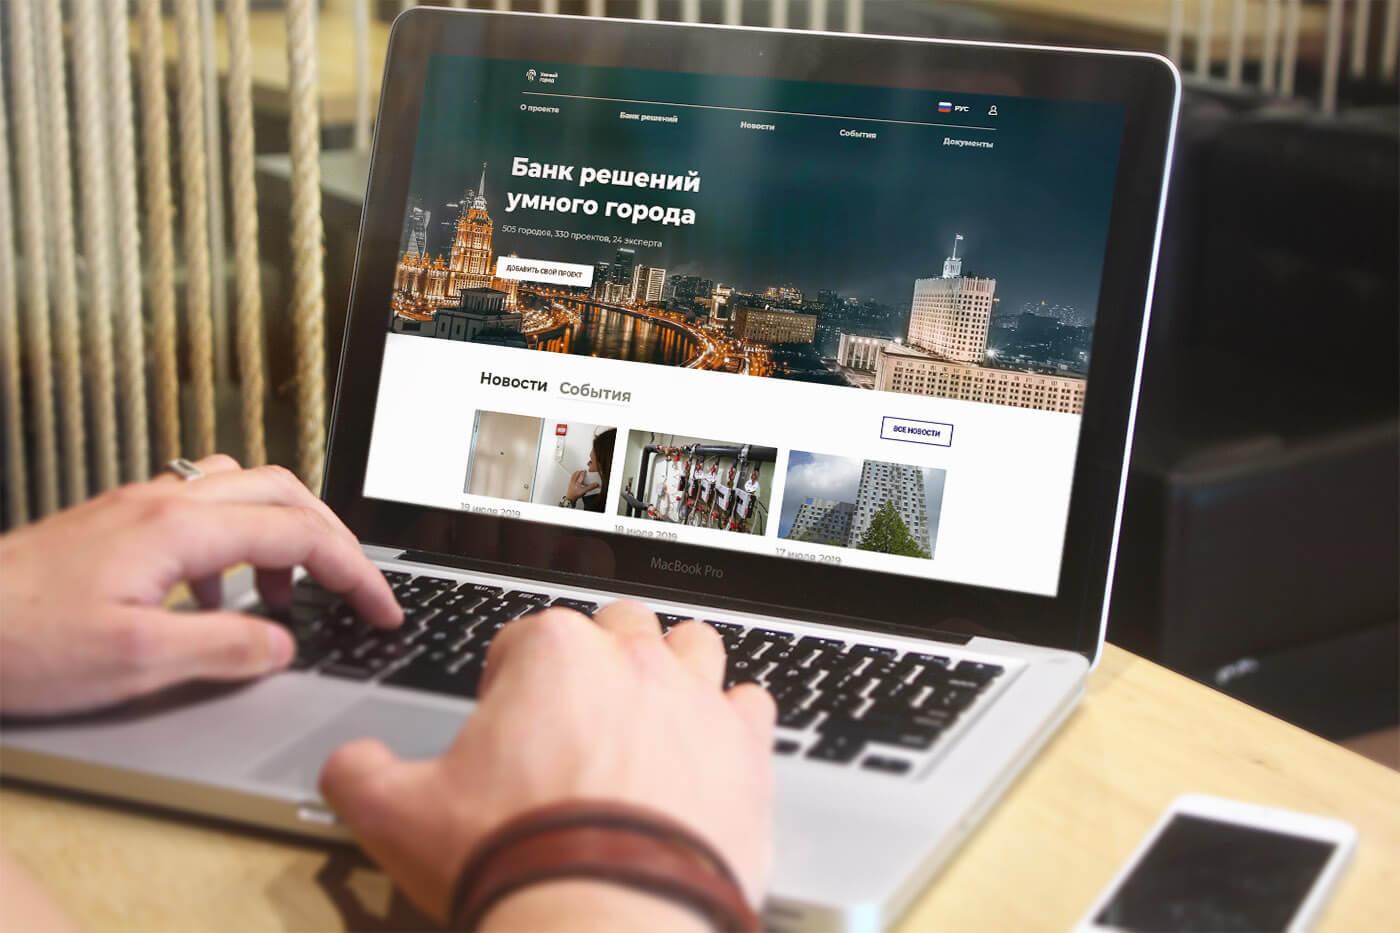 Информация о RetailBUD размещена на сайте проекта Умный город